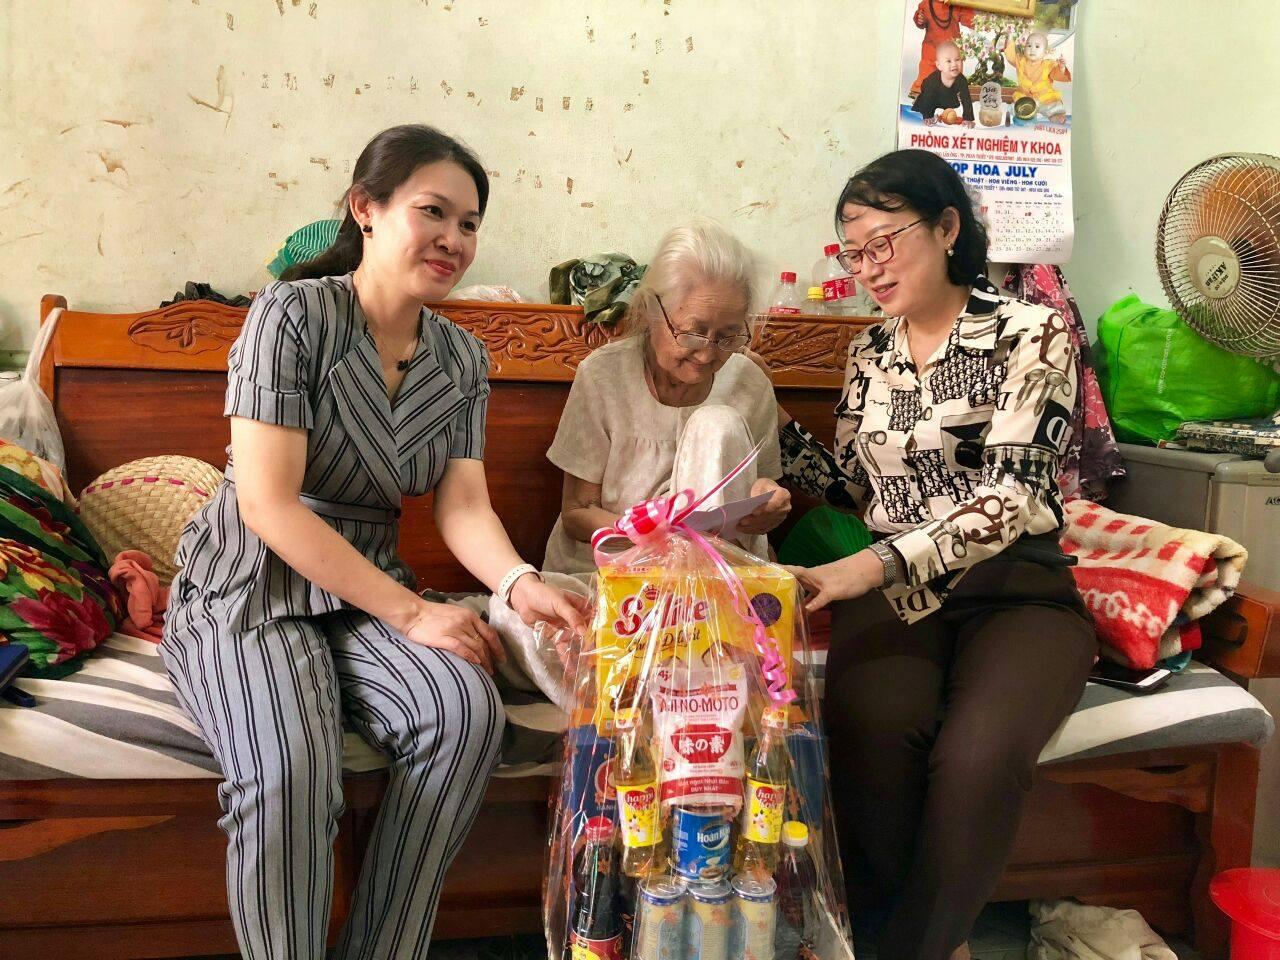 Hình Cơ quan Đảng ủy Khối thăm, tặng quà Mẹ Liệt sỹ nhân ngày Thương binh- Liệt sỹ